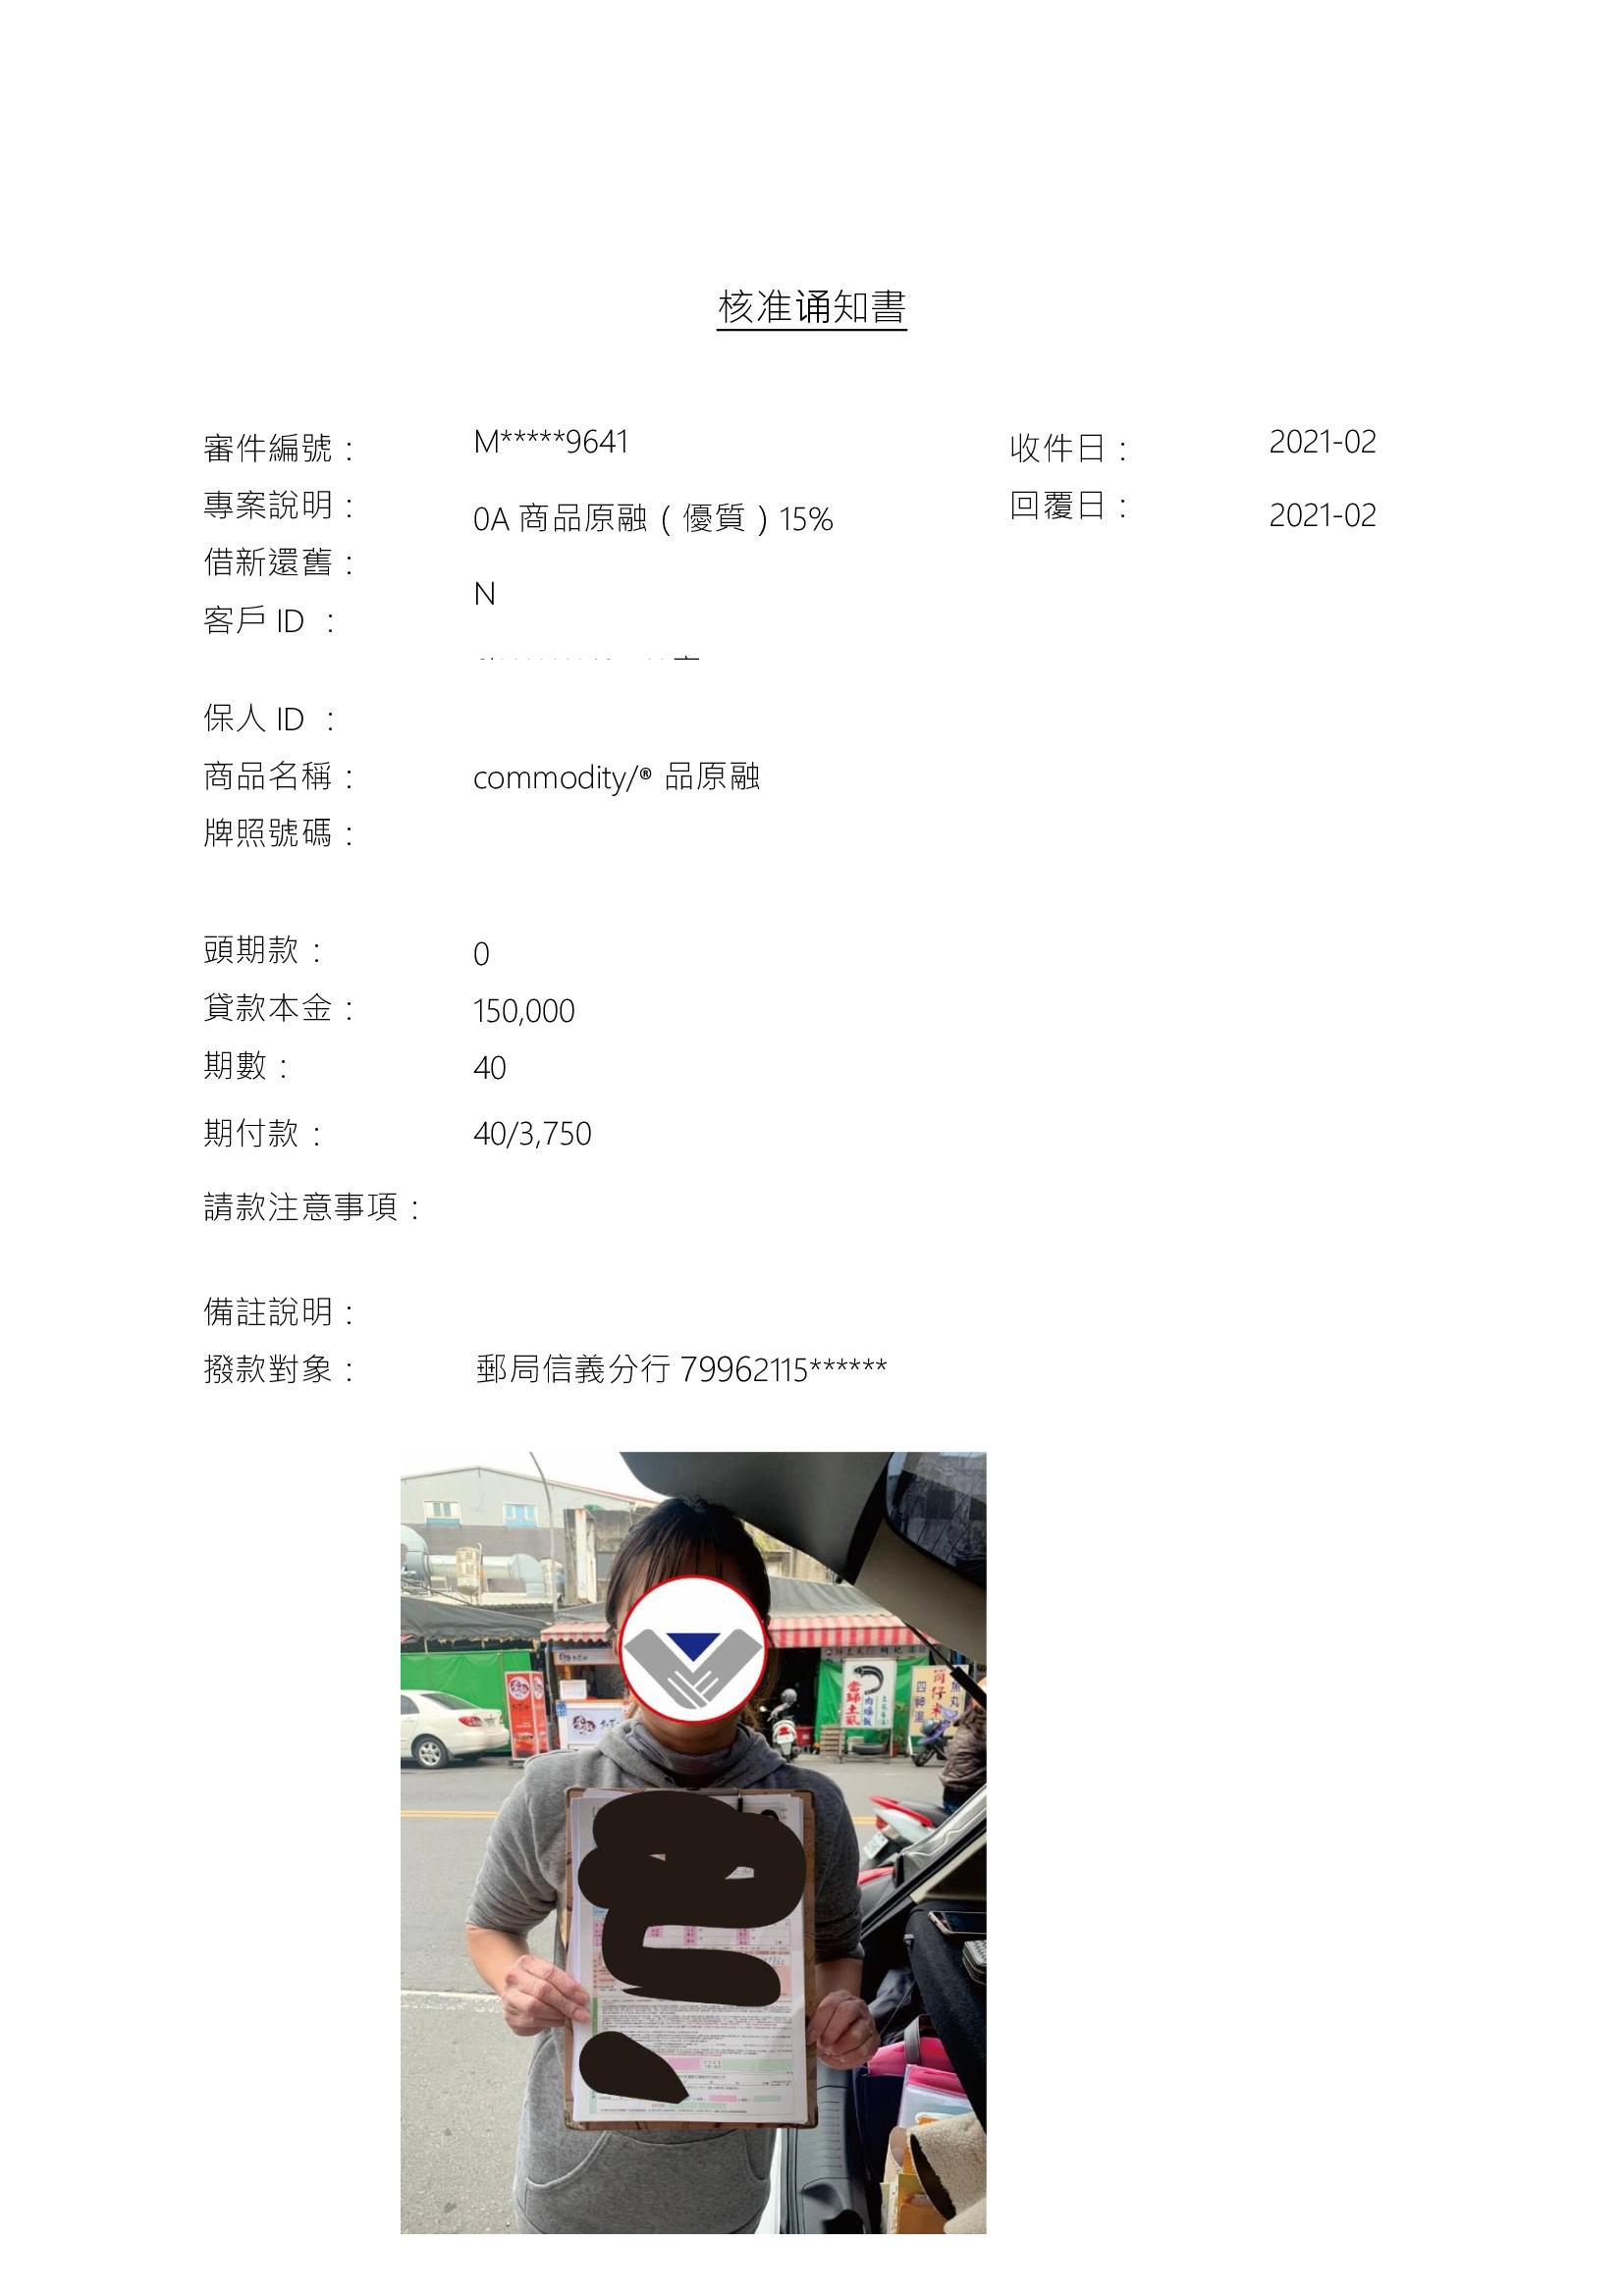 「2021年2月」賀~~機車借新還舊核准15萬元整